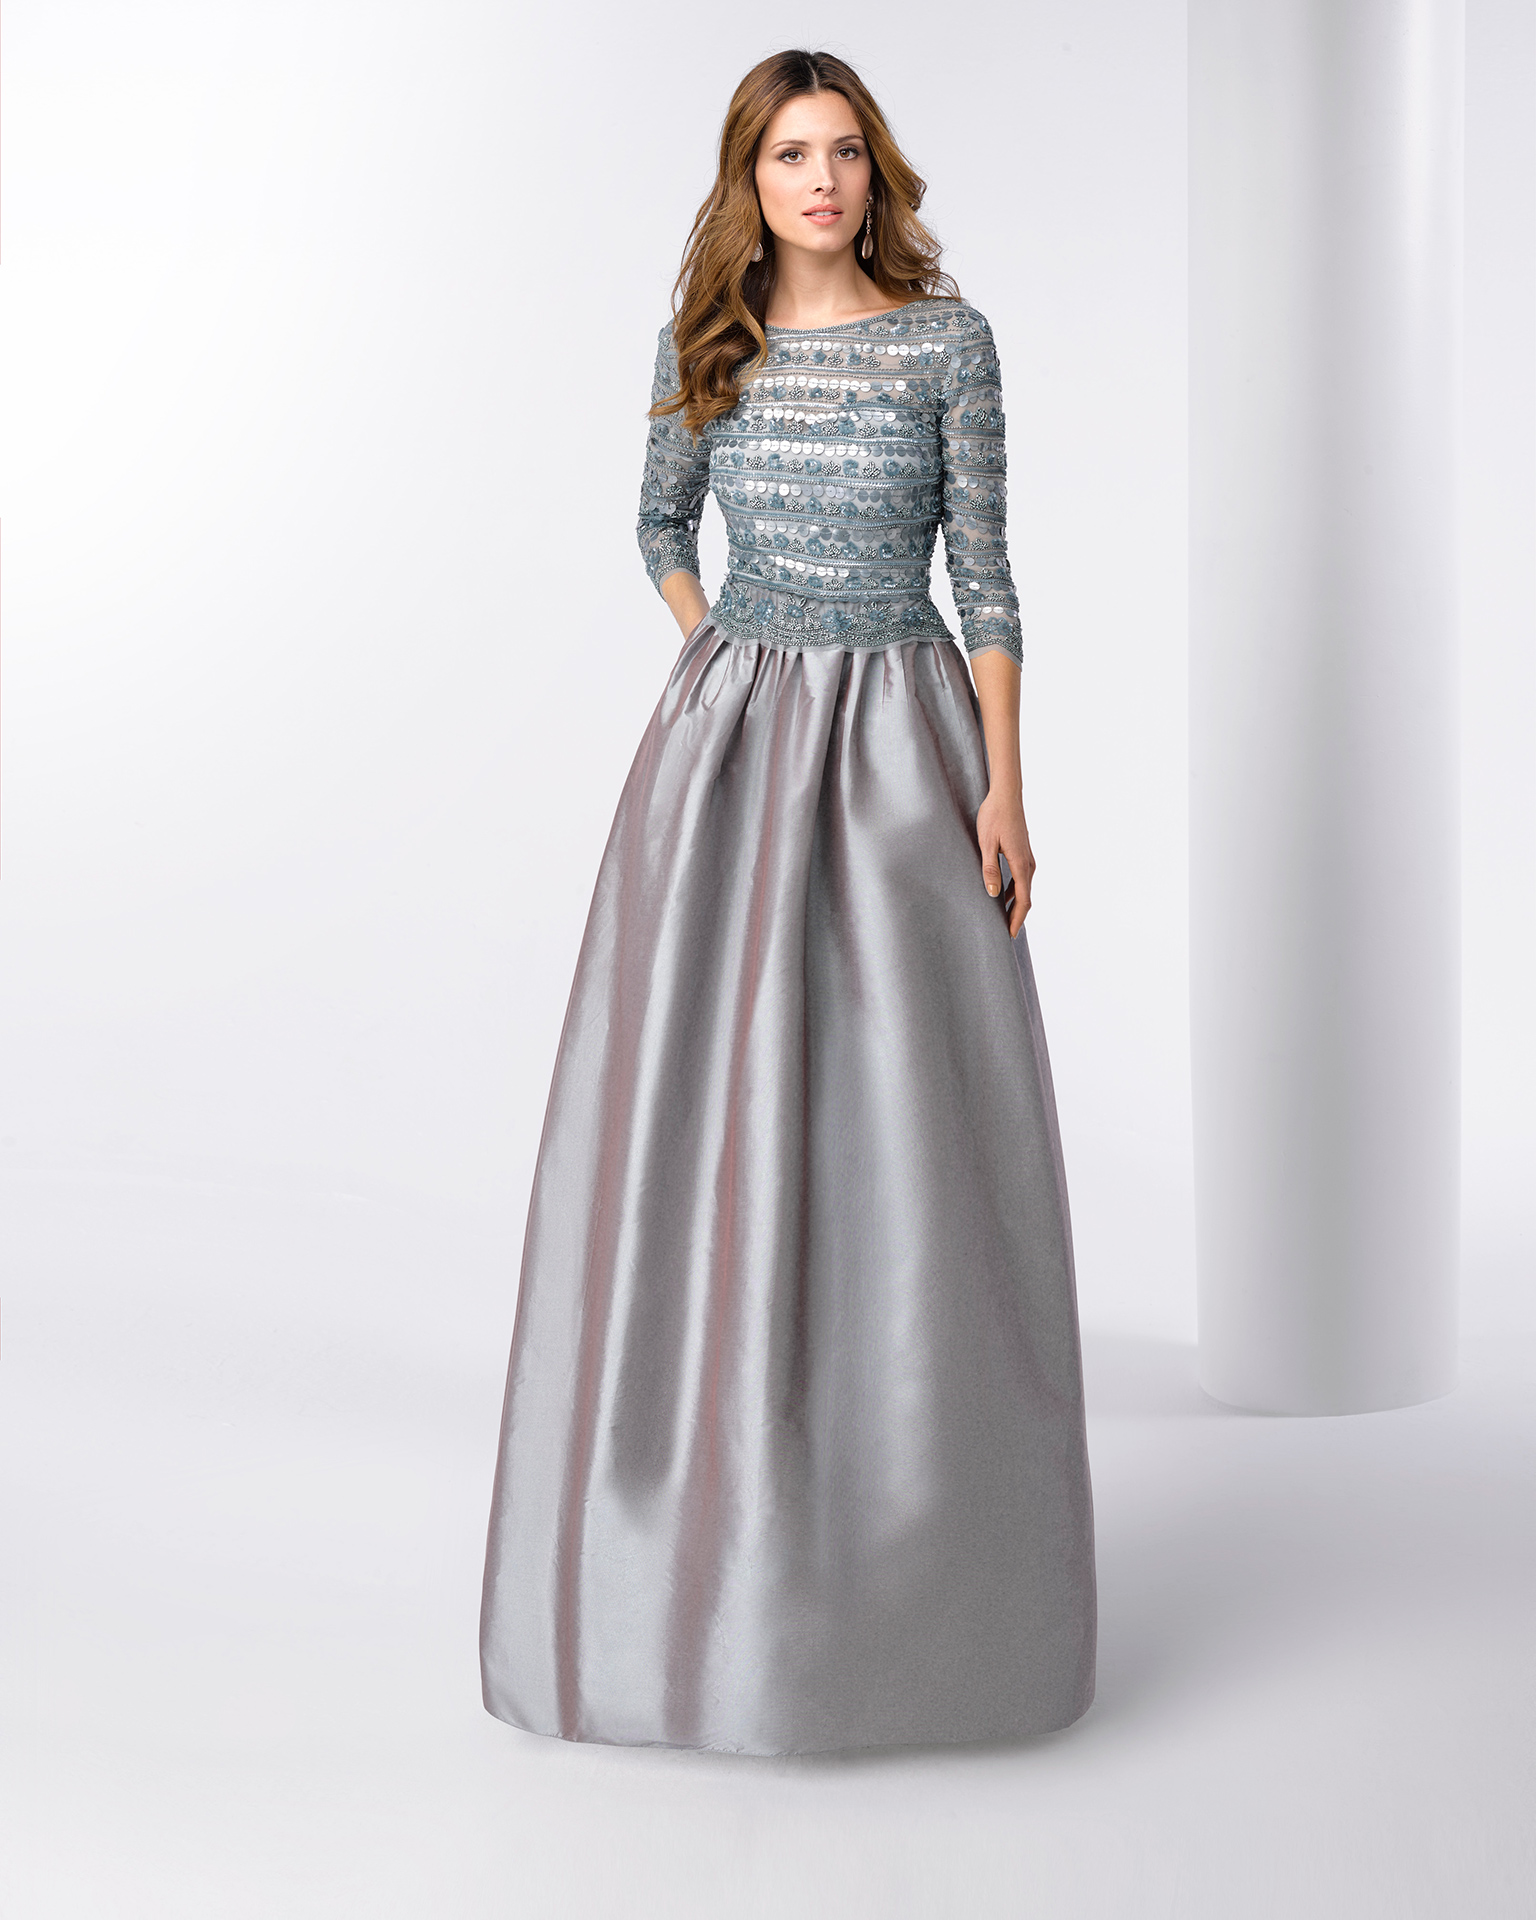 Robe de soirée longue en taffetas avec corsage en pierreries à manches 3/4. Disponible en vert, argent et bleu marine. Collection FIESTA AIRE BARCELONA 2018.